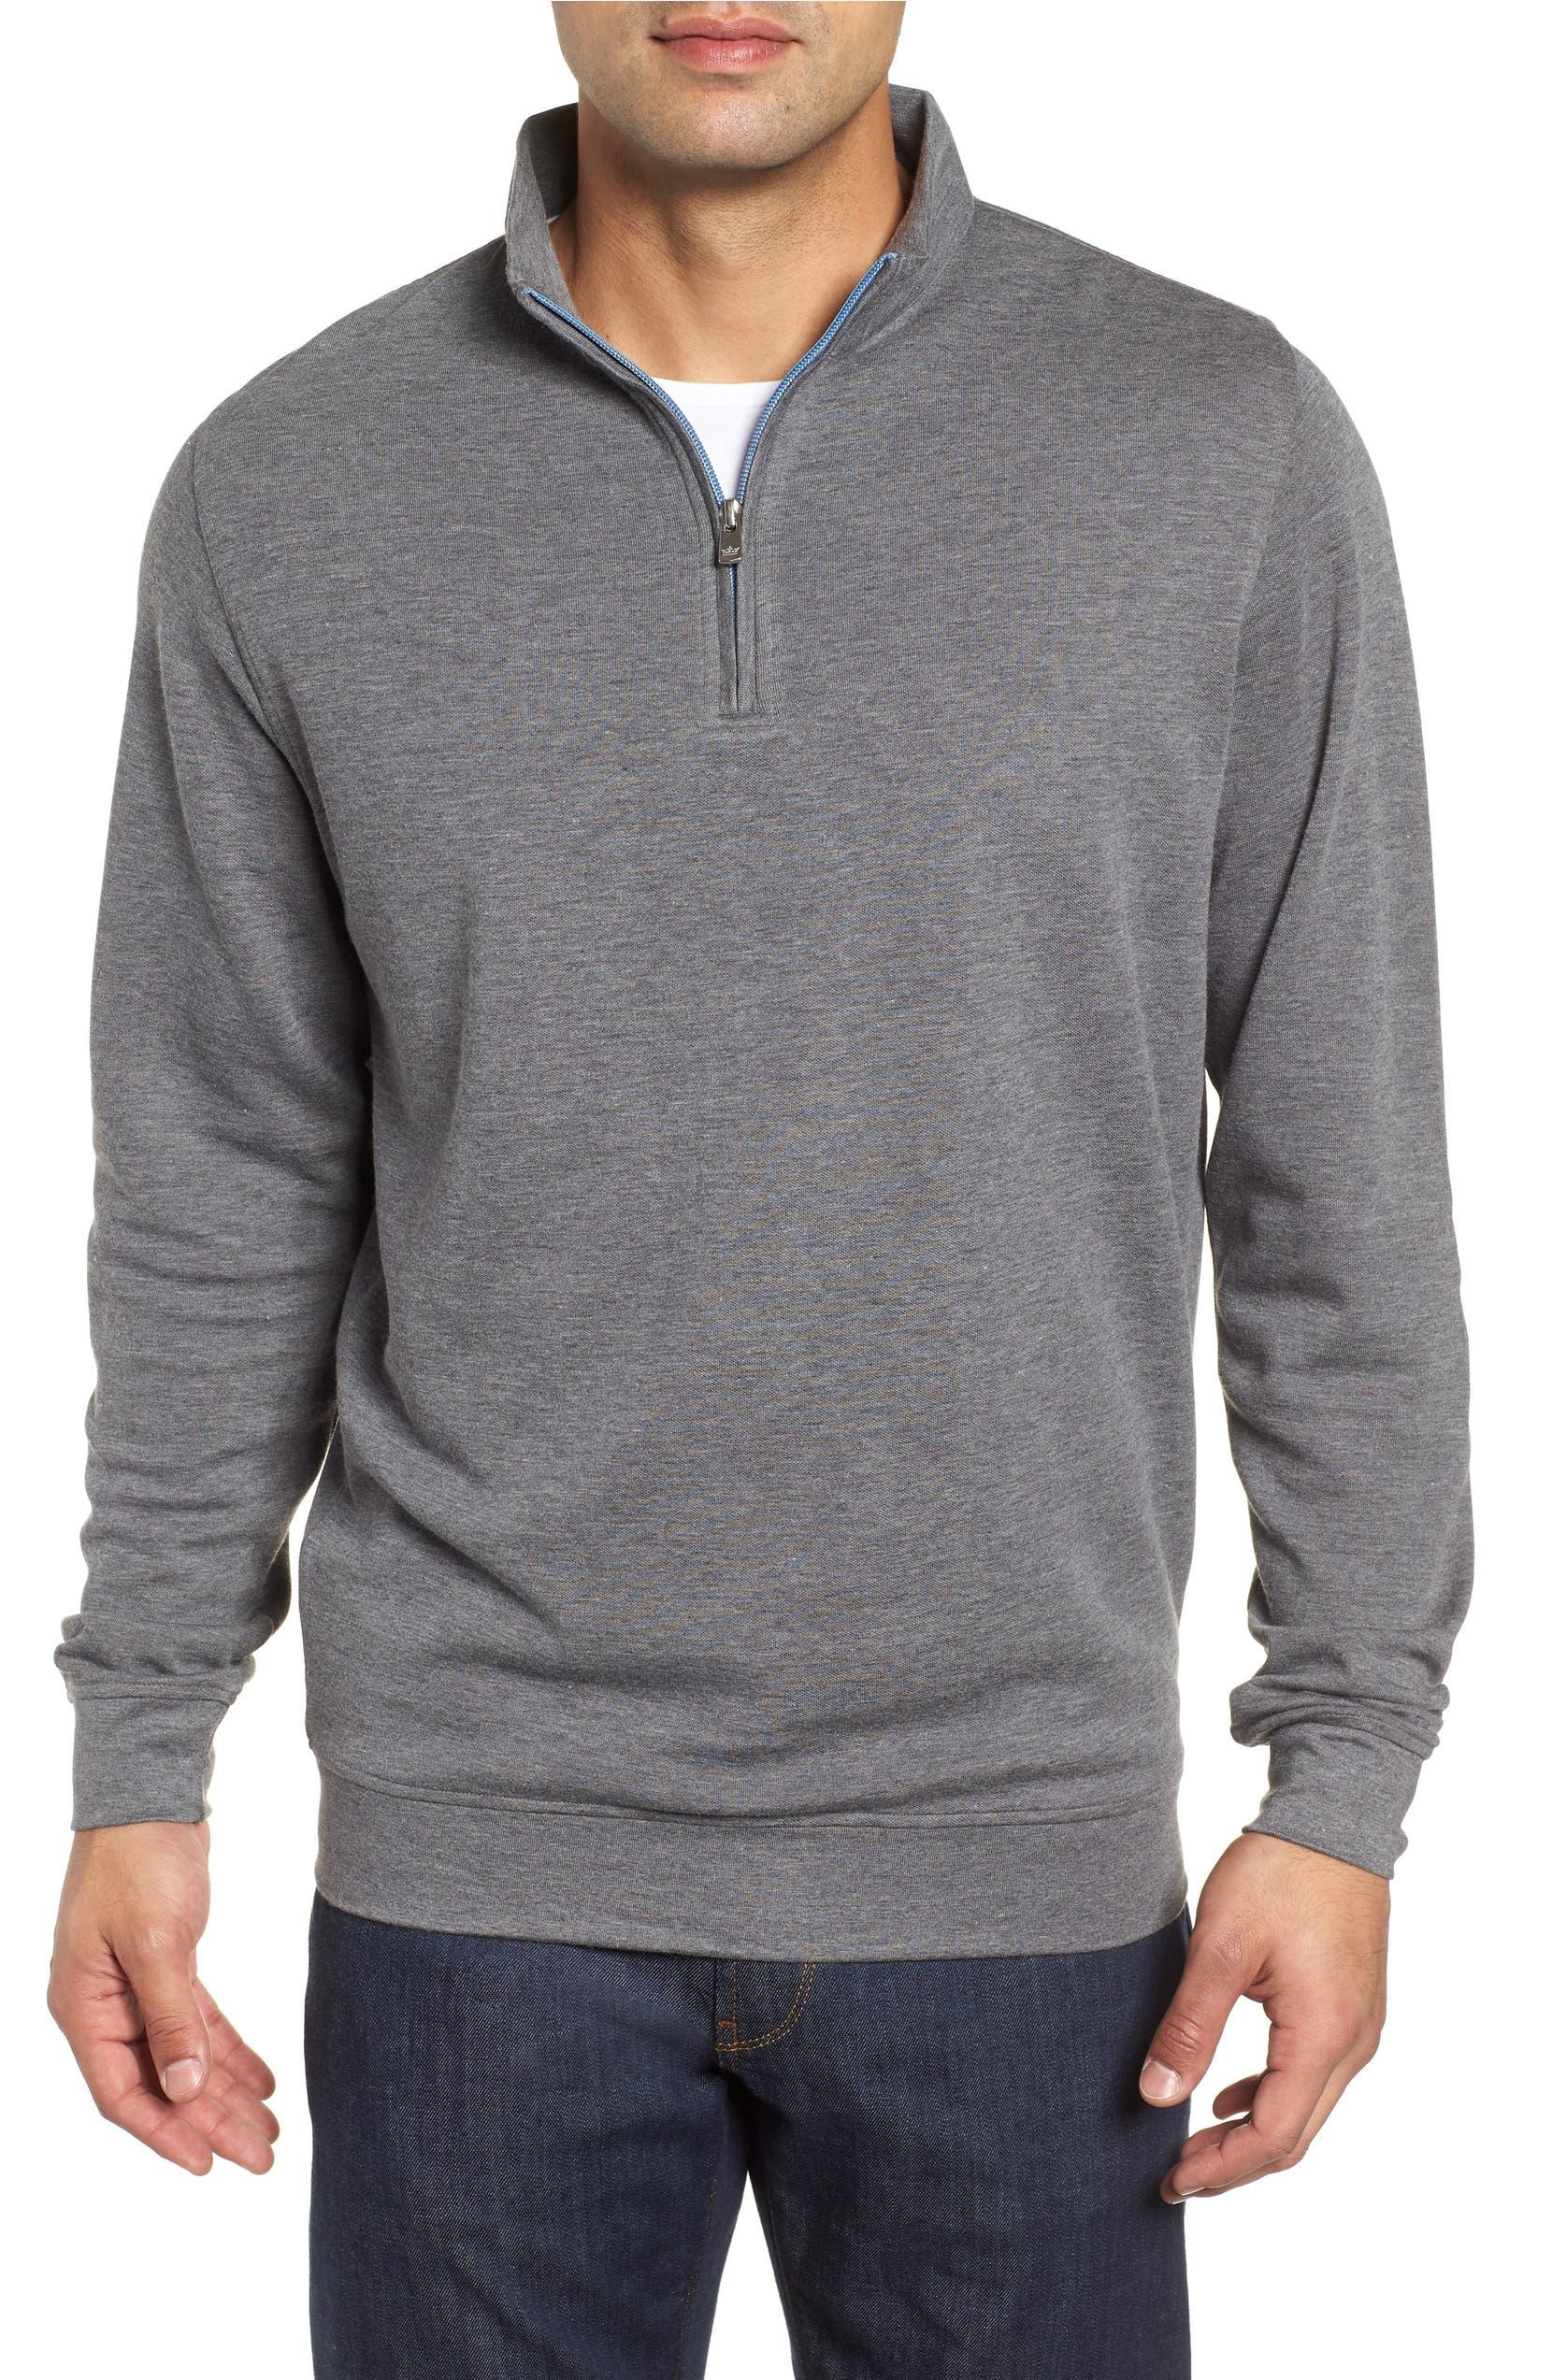 a168e2c69e Peter Millar Crown Comfort Jersey Quarter Zip Pullover